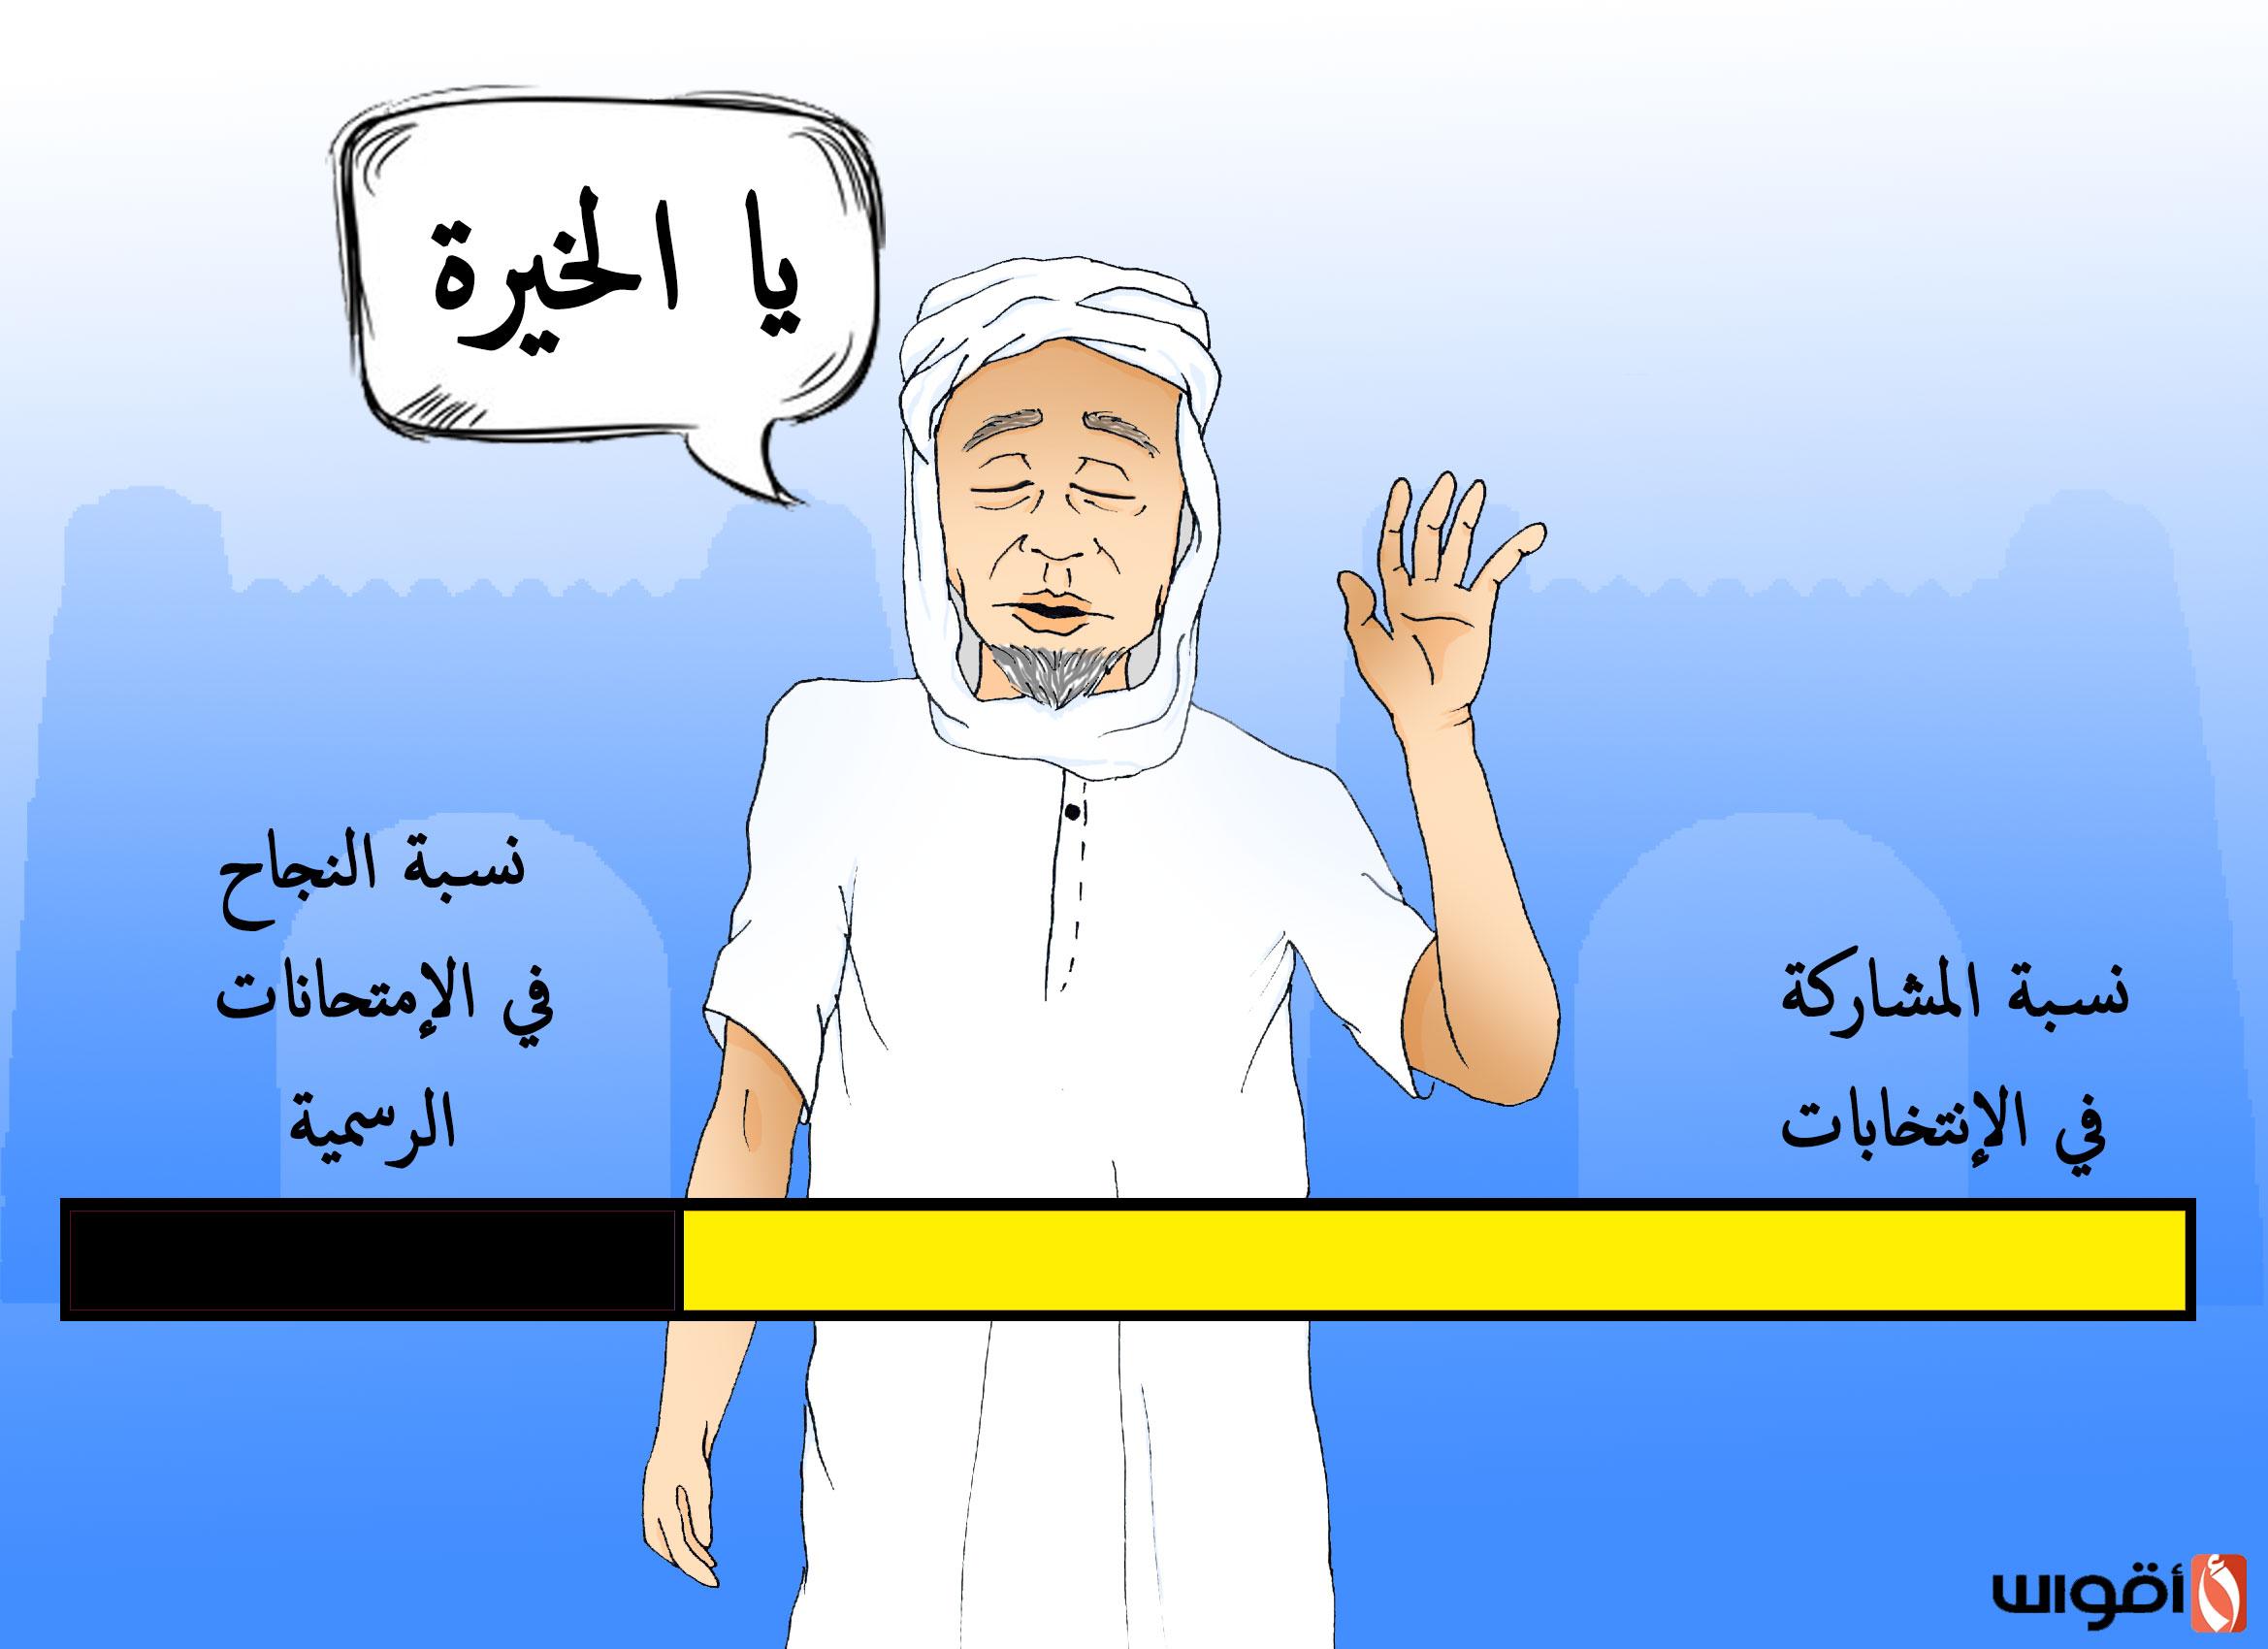 كاريكاتير نتائج التعليم المتوسط